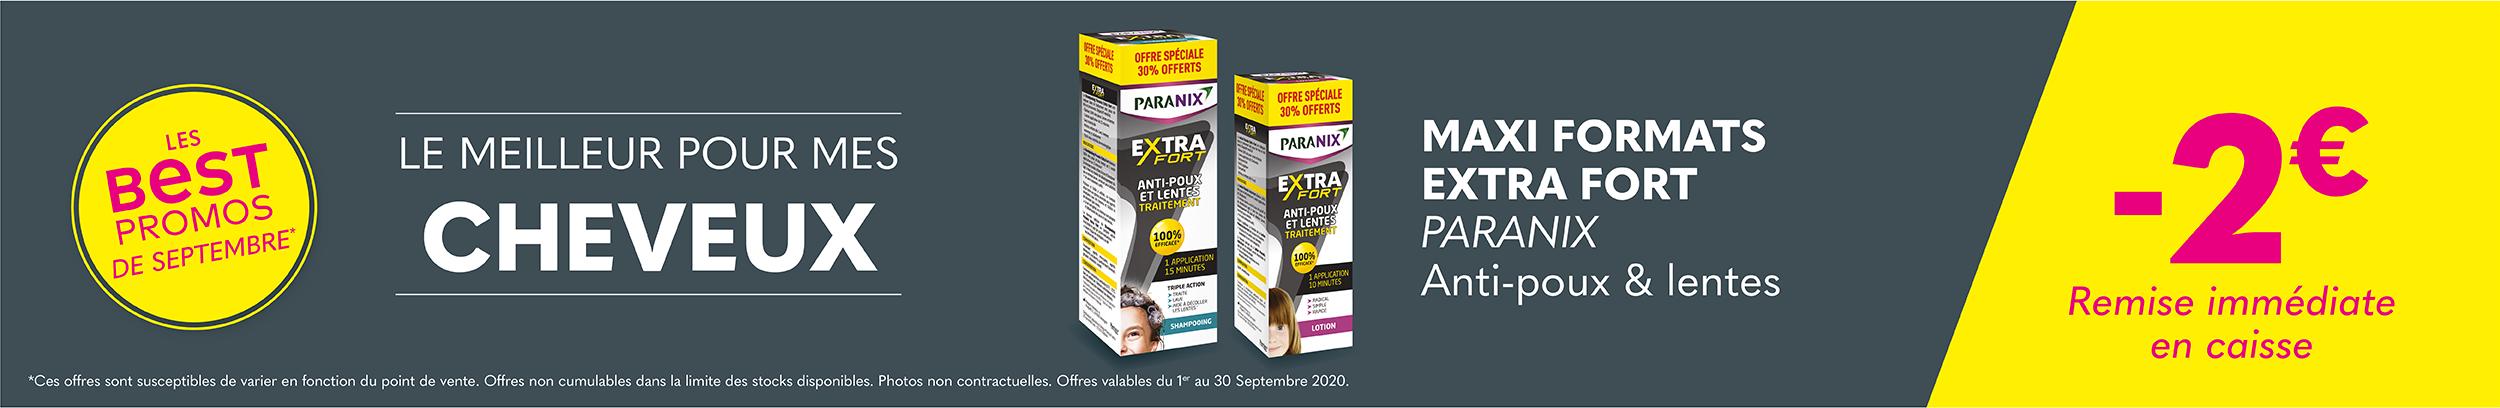 MAXI FORMATS EXTRA FORT - PARANIX  / Anti-poux et lentes